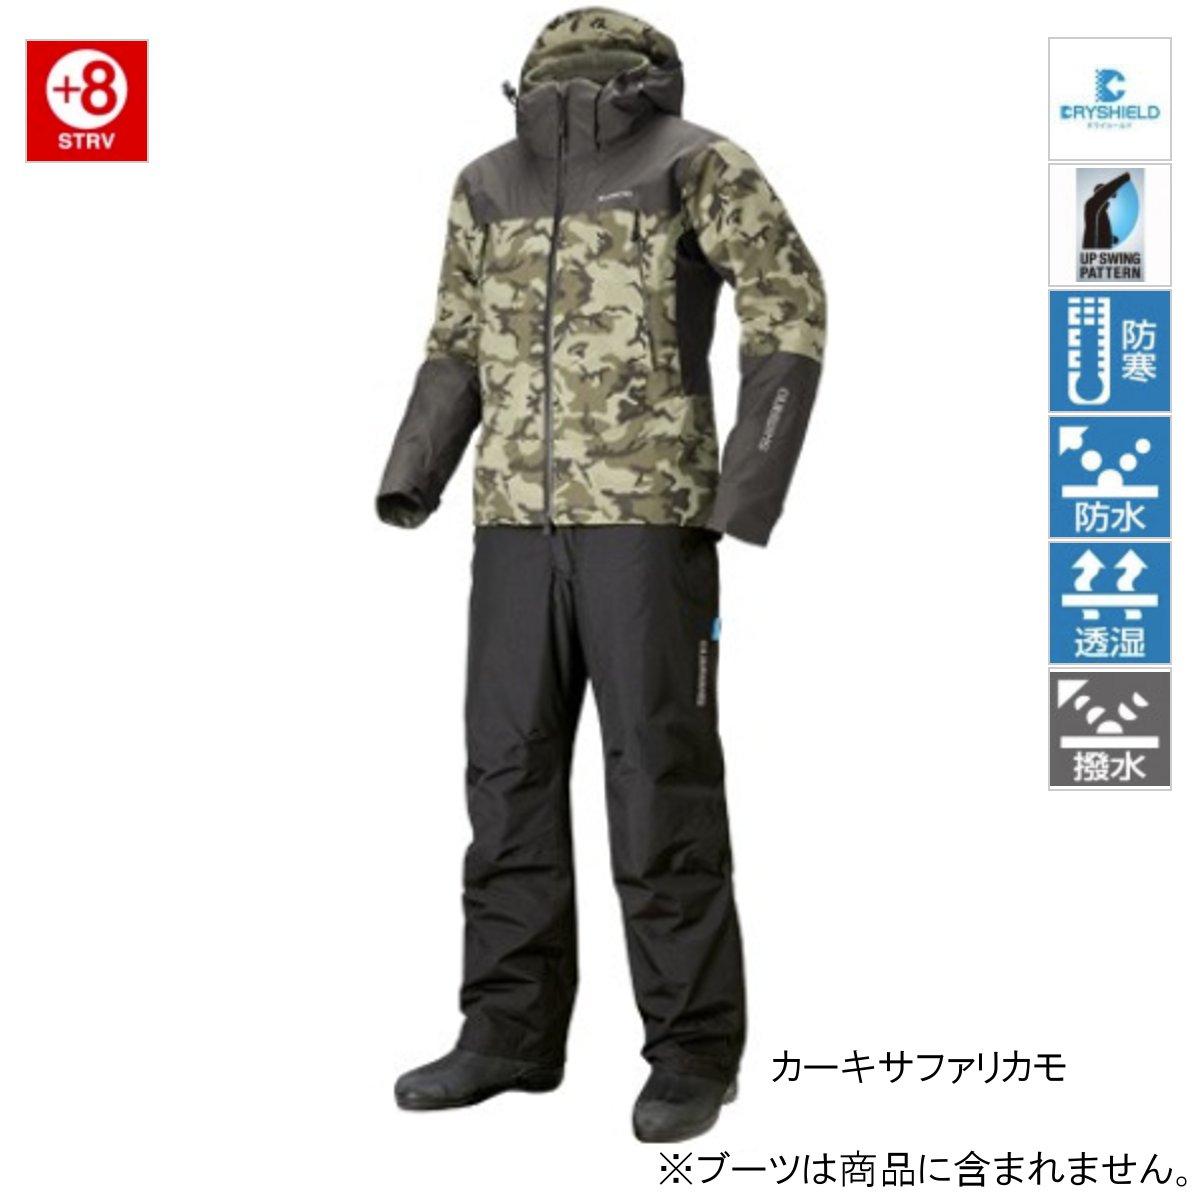 シマノ DSアドバンスウォームスーツ RB-025R M カーキサファリカモ(東日本店)